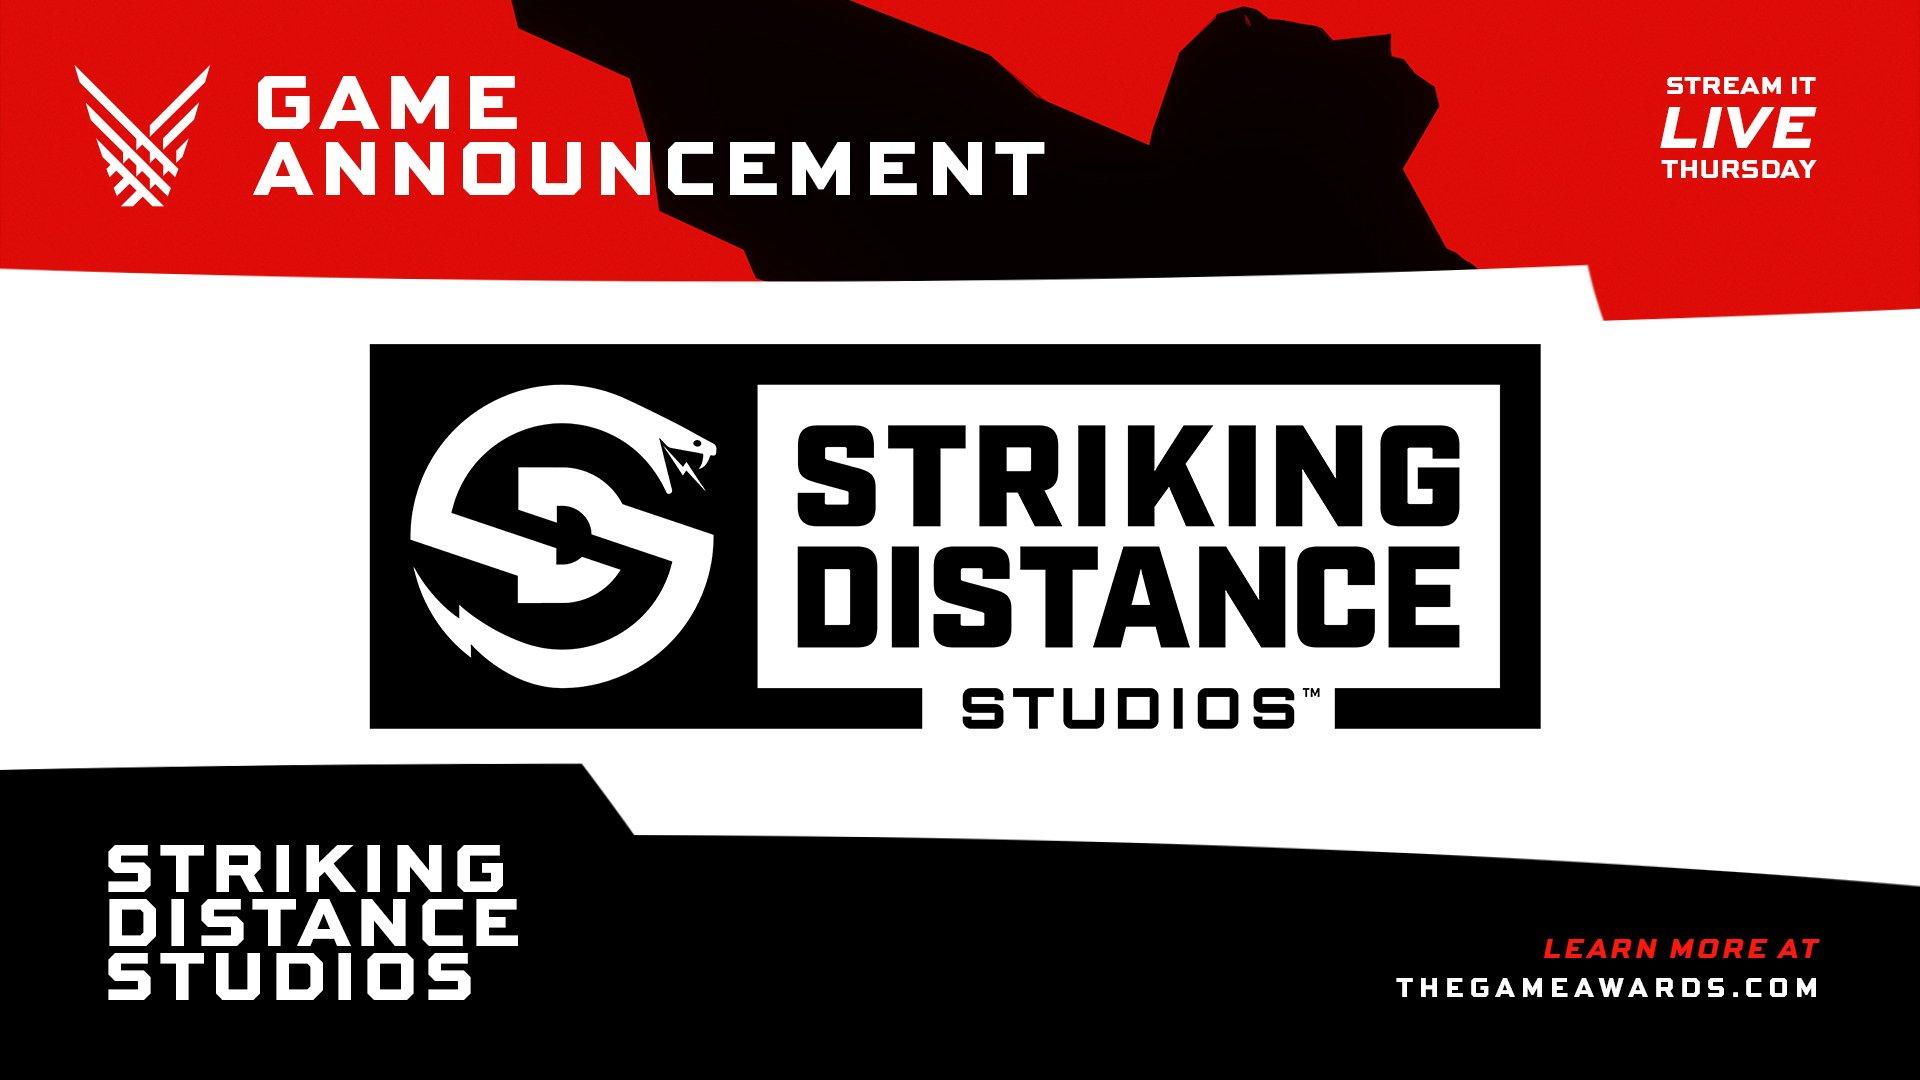 На The Game Awards 2020 покажут «АААА-игру» во вселенной PUBG от создателя Dead Space